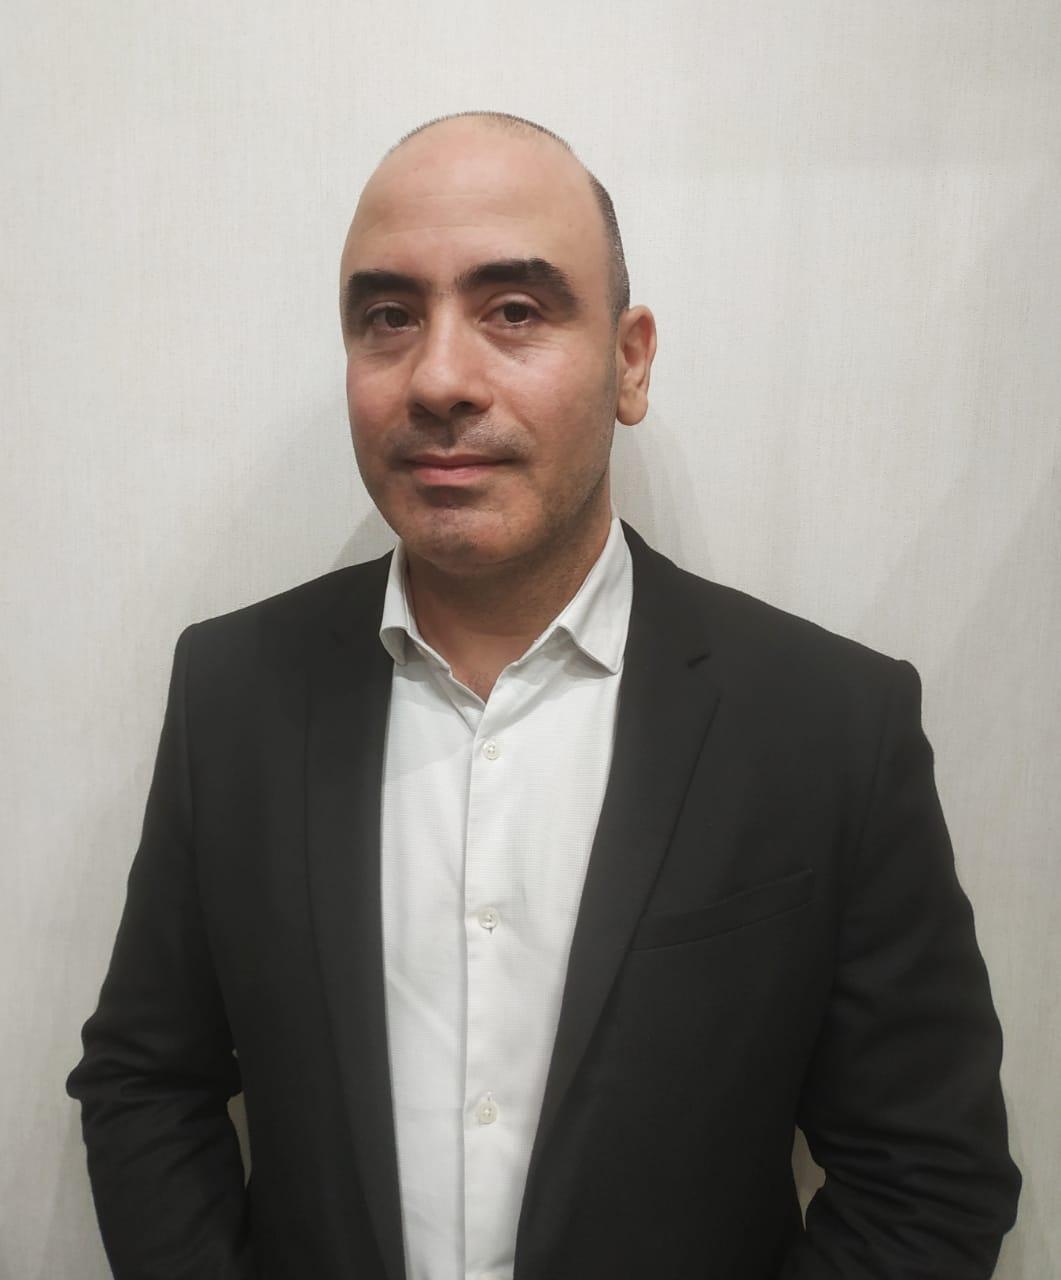 Khaled Shamma